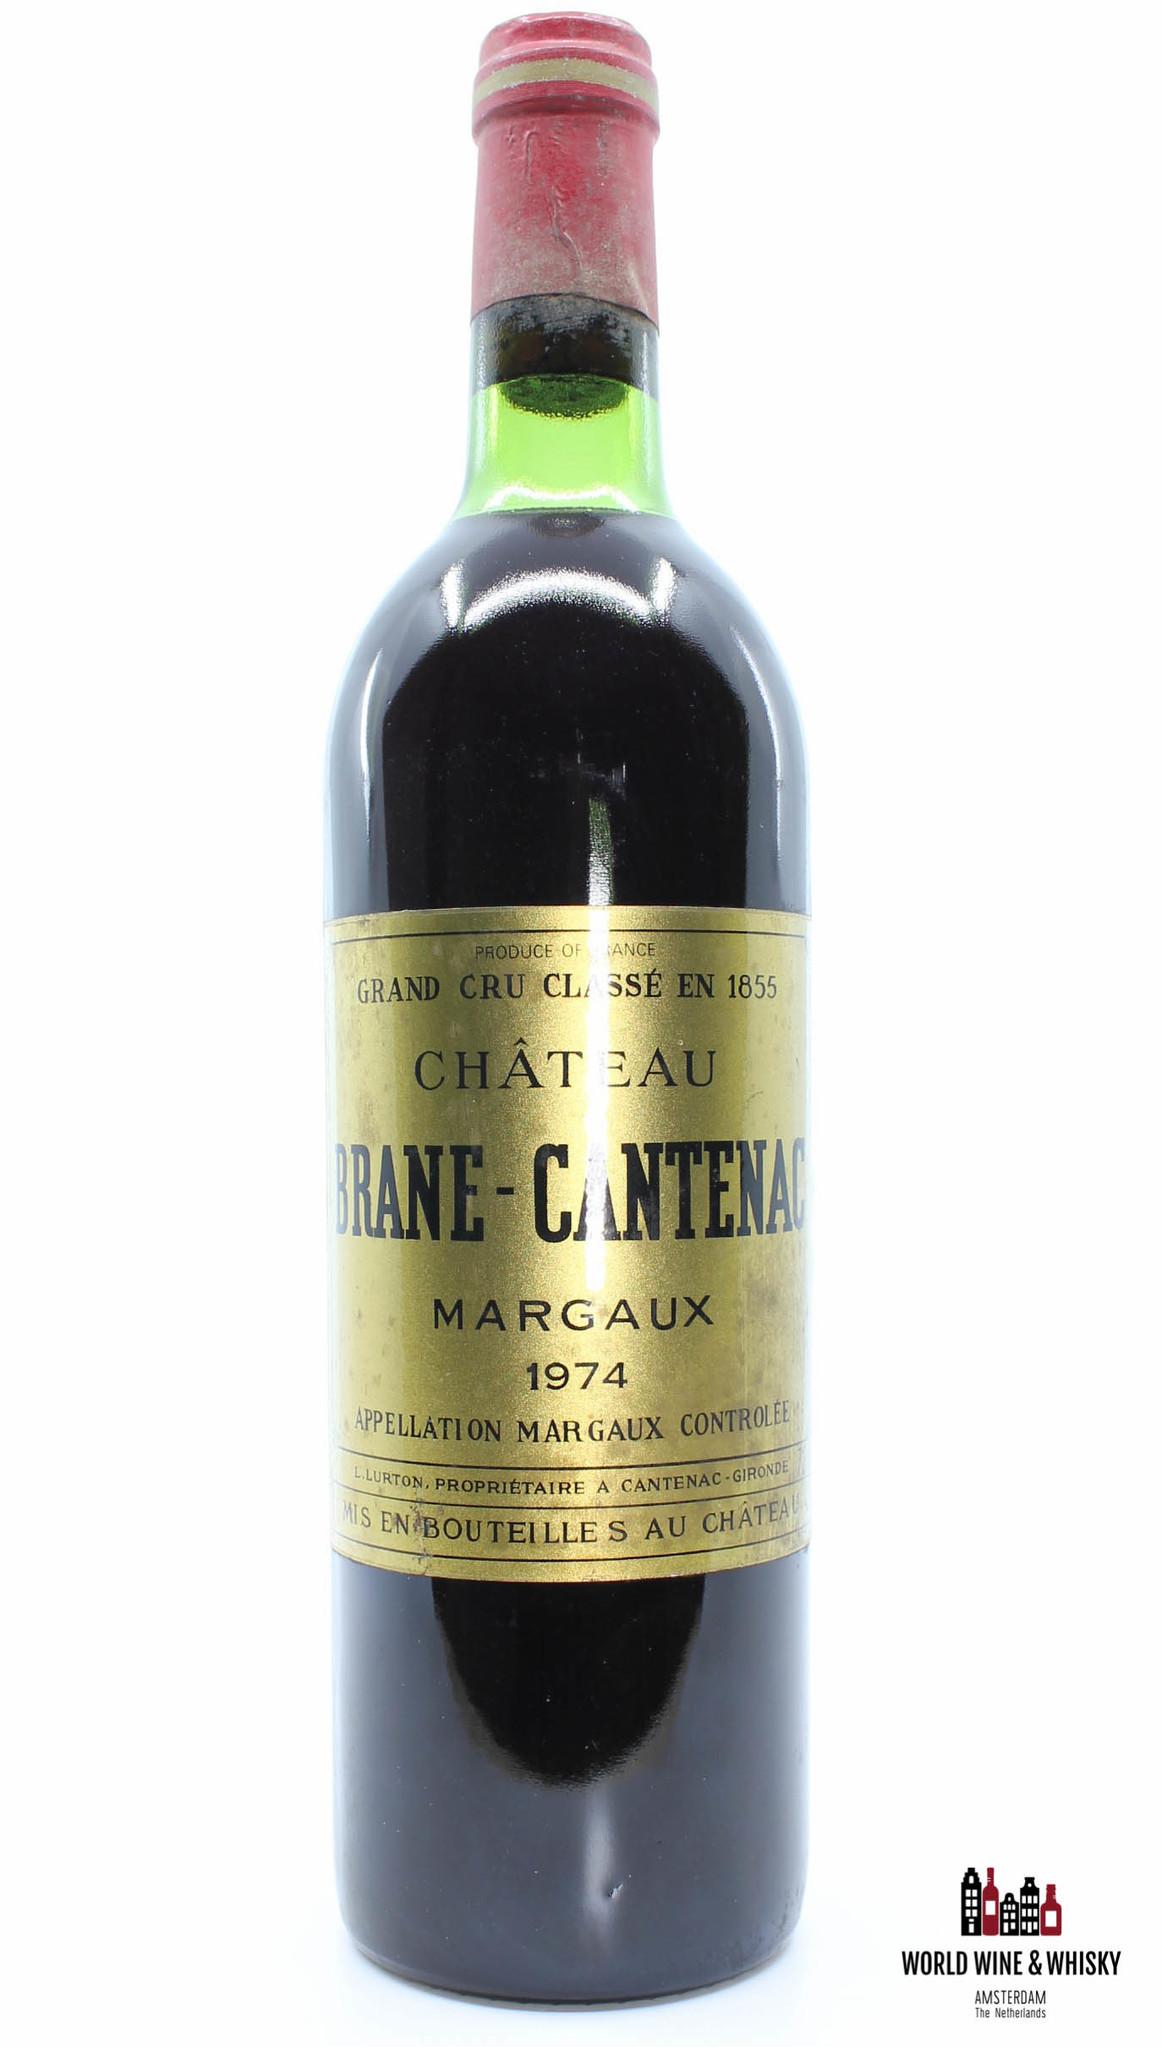 Brane Cantenac Chateau Brane-Cantenac 1974 Margaux (Grand Cru Classe)